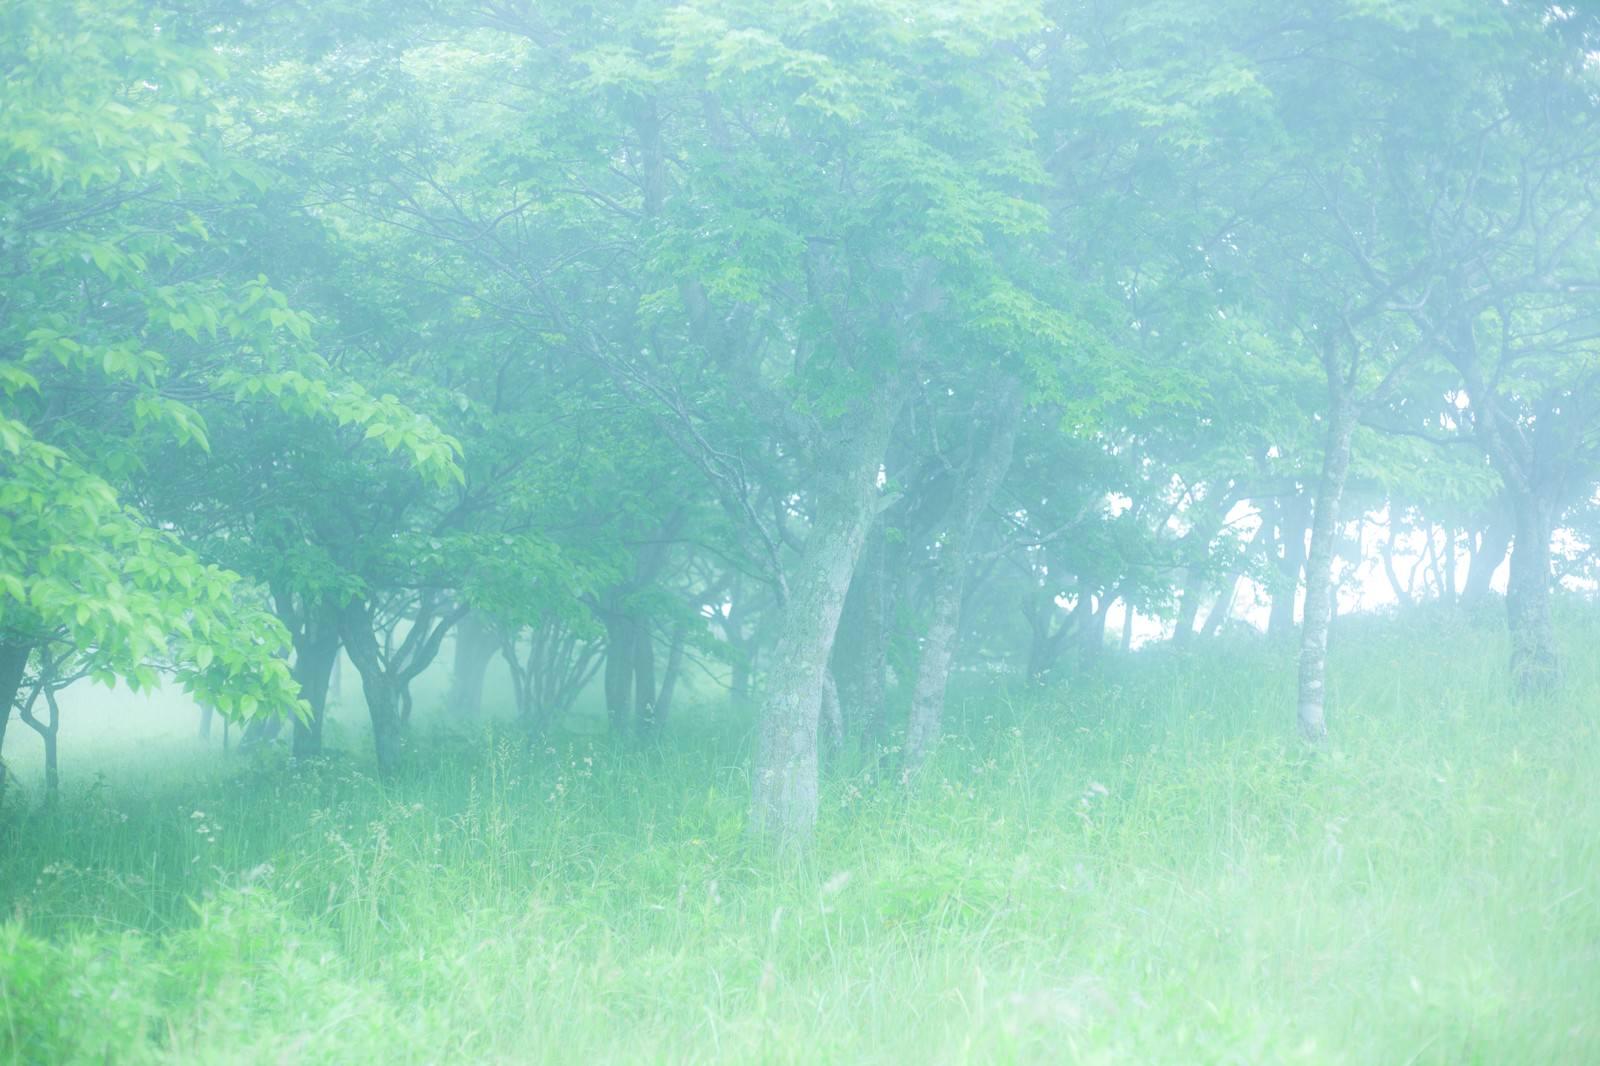 「幻想的な森を進む」の写真